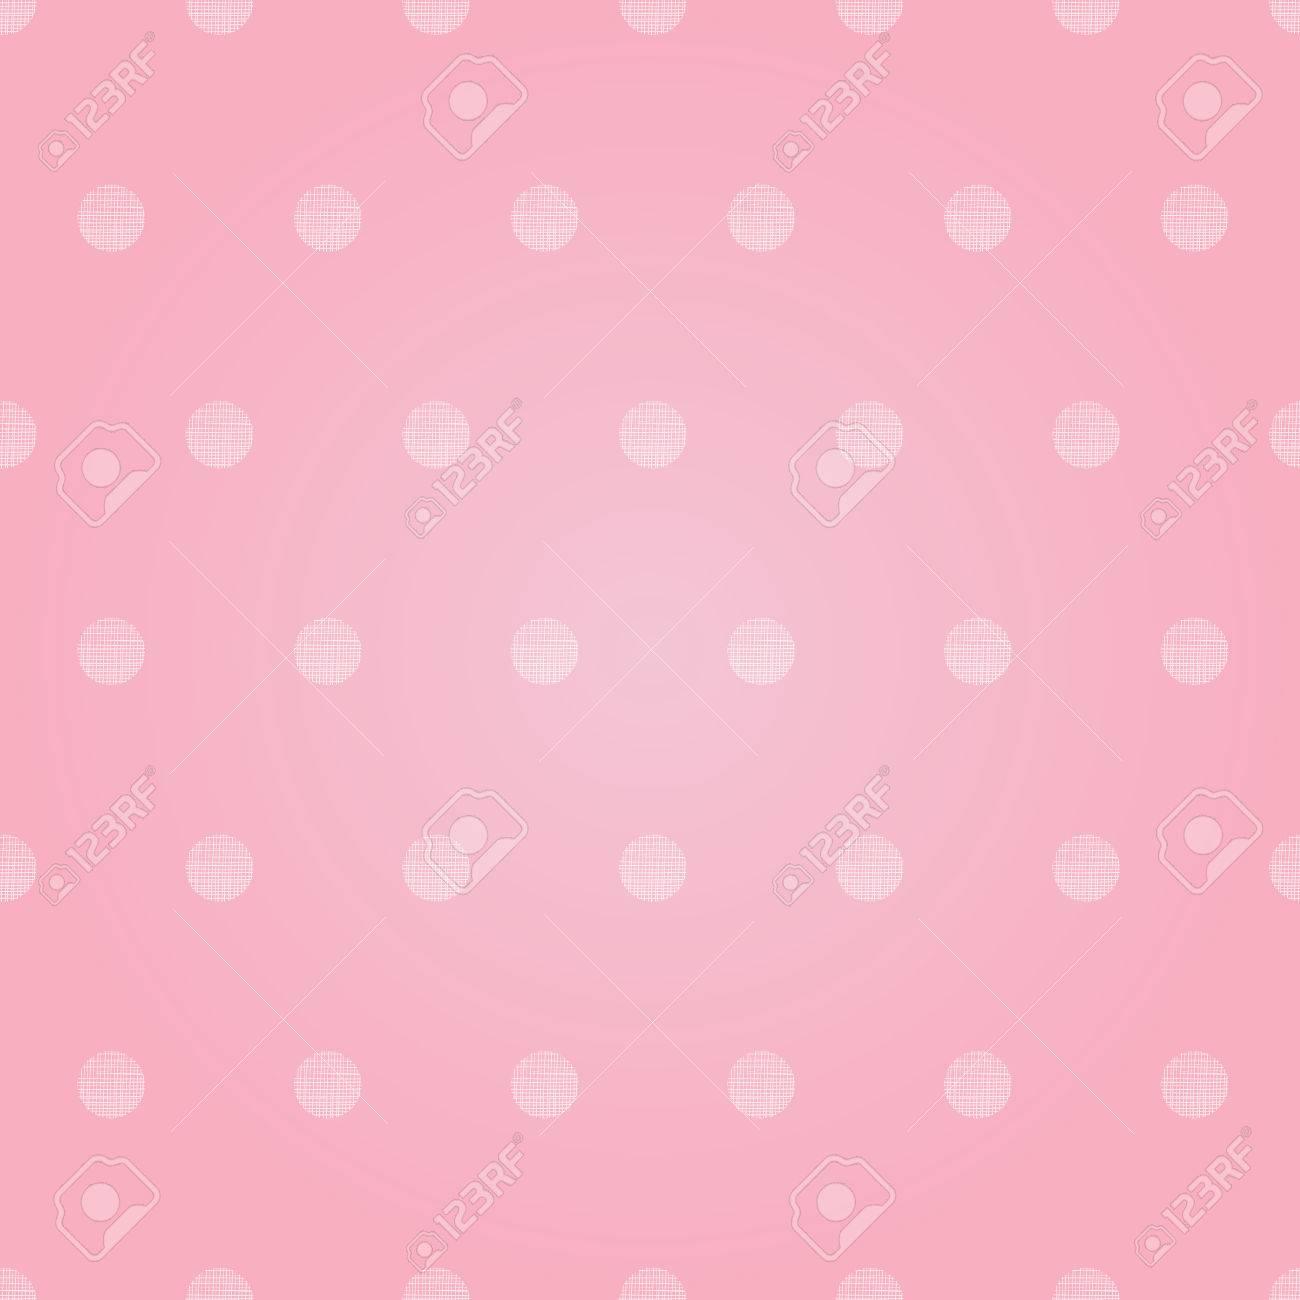 Vector Vintage Pastel Pink Baby Girl Polka Dots Circles Seamless